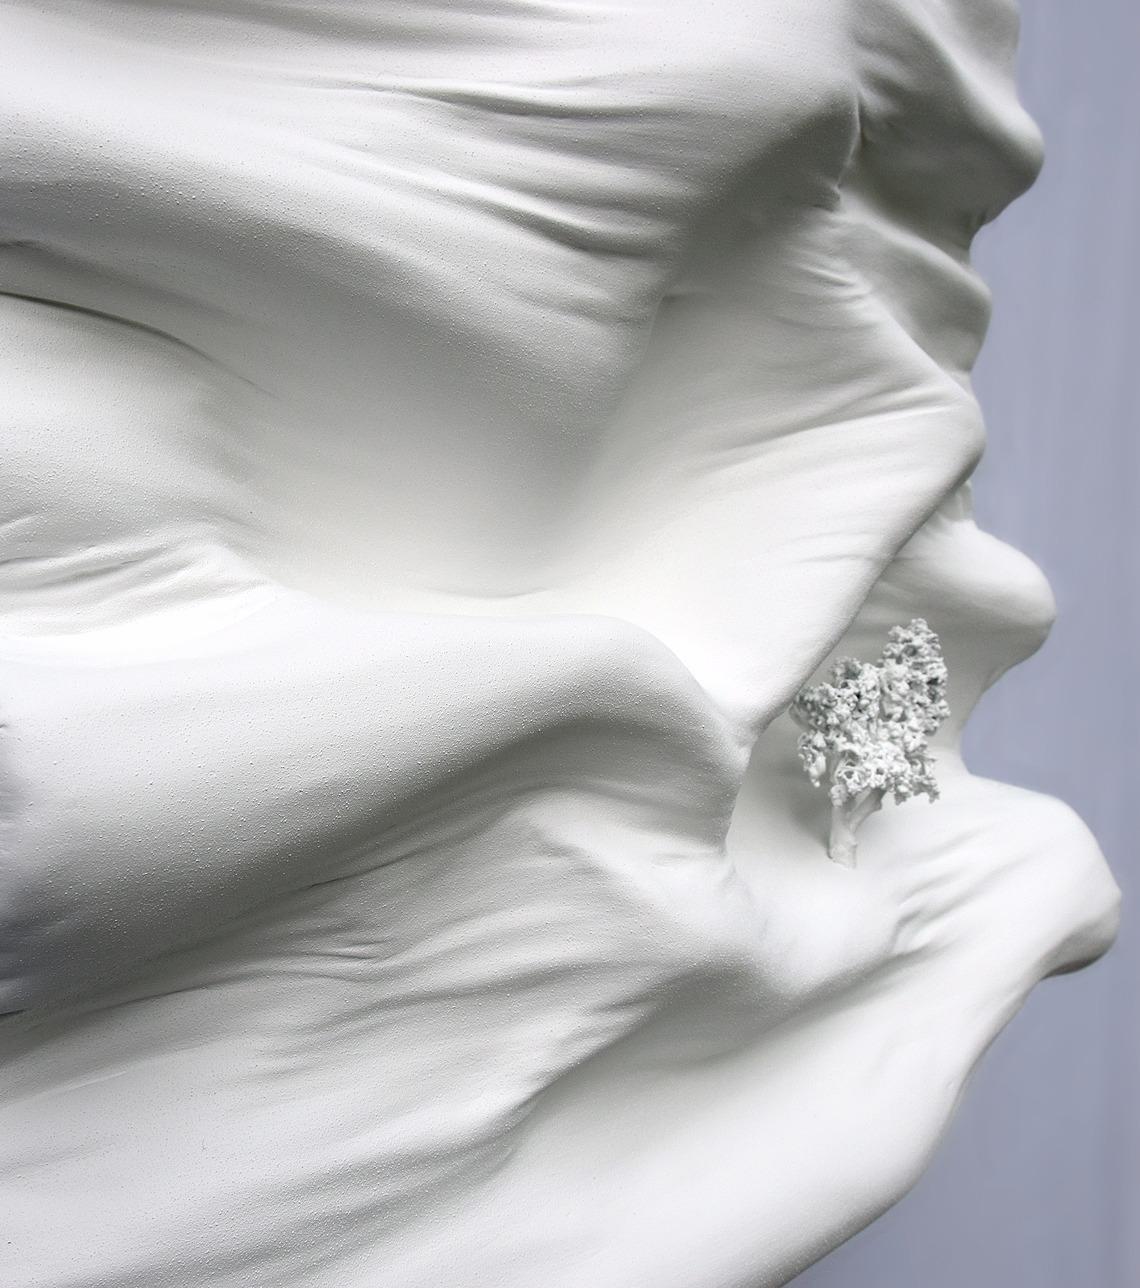 mouvement vague dune montagne blanc immaculé monochrome par Did Morères Bicom galerie Artiane